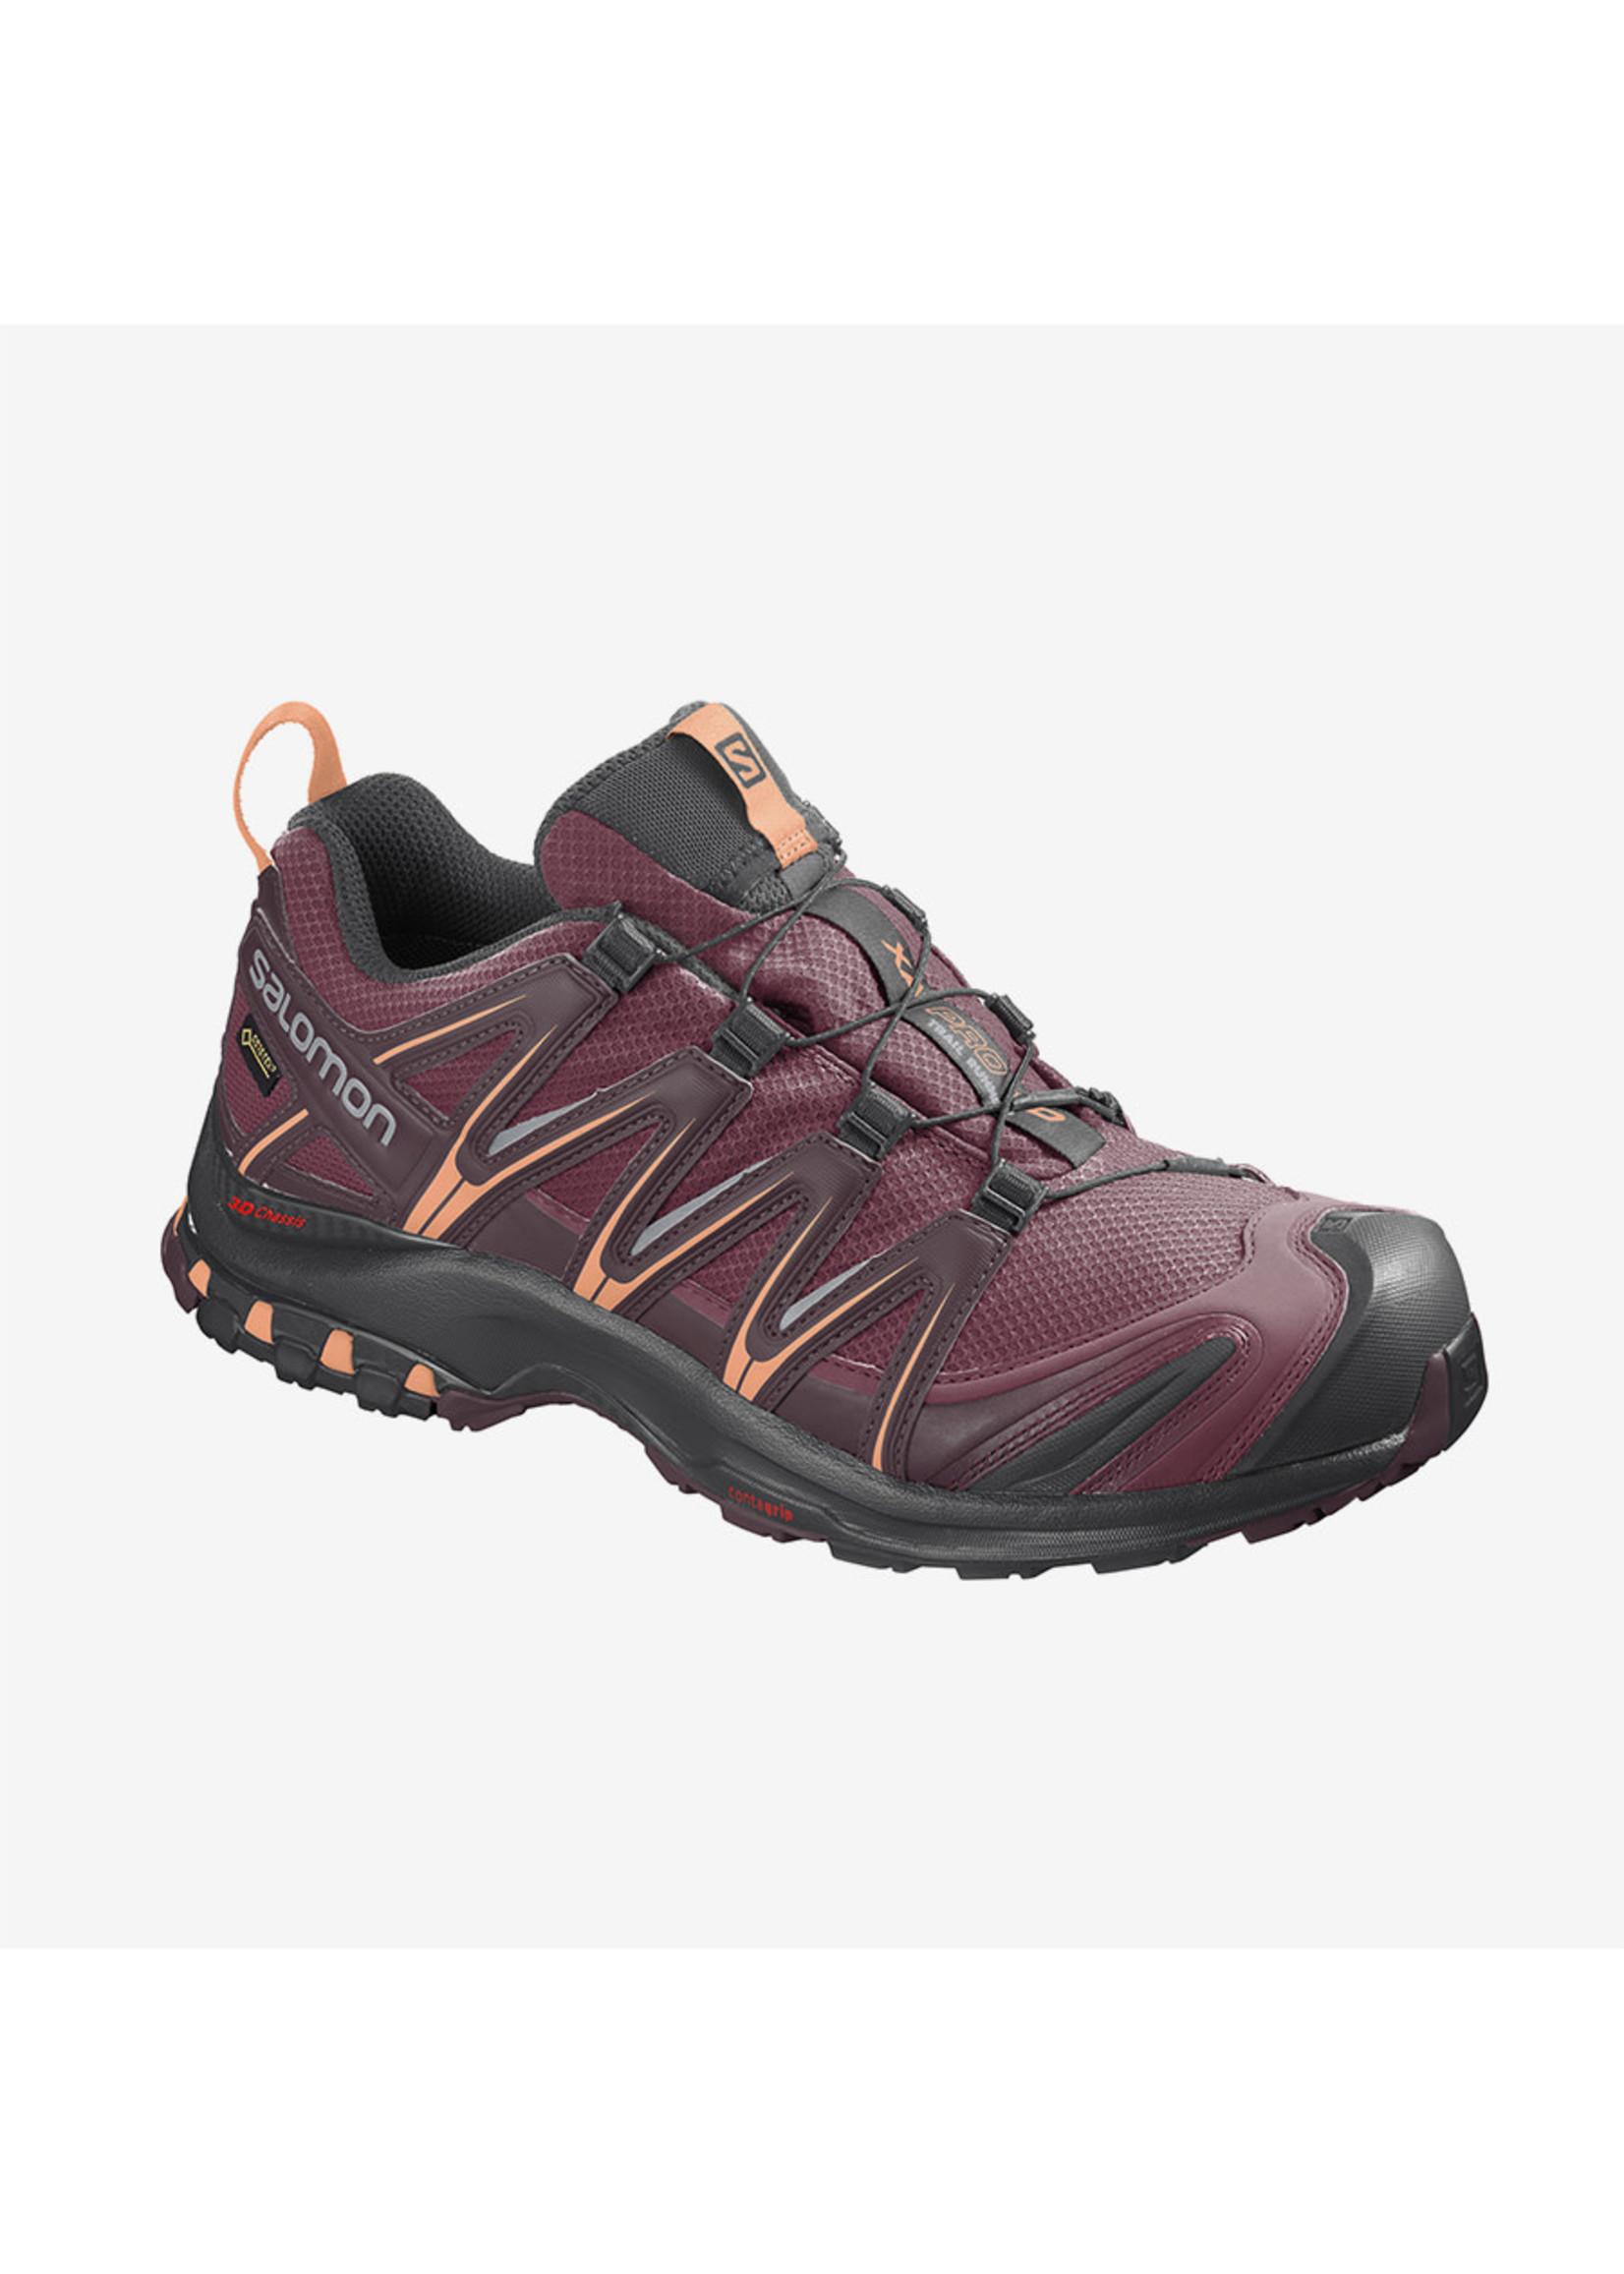 Salomon Salomon XA Pro 3D GTX Ladies Shoe (2020)